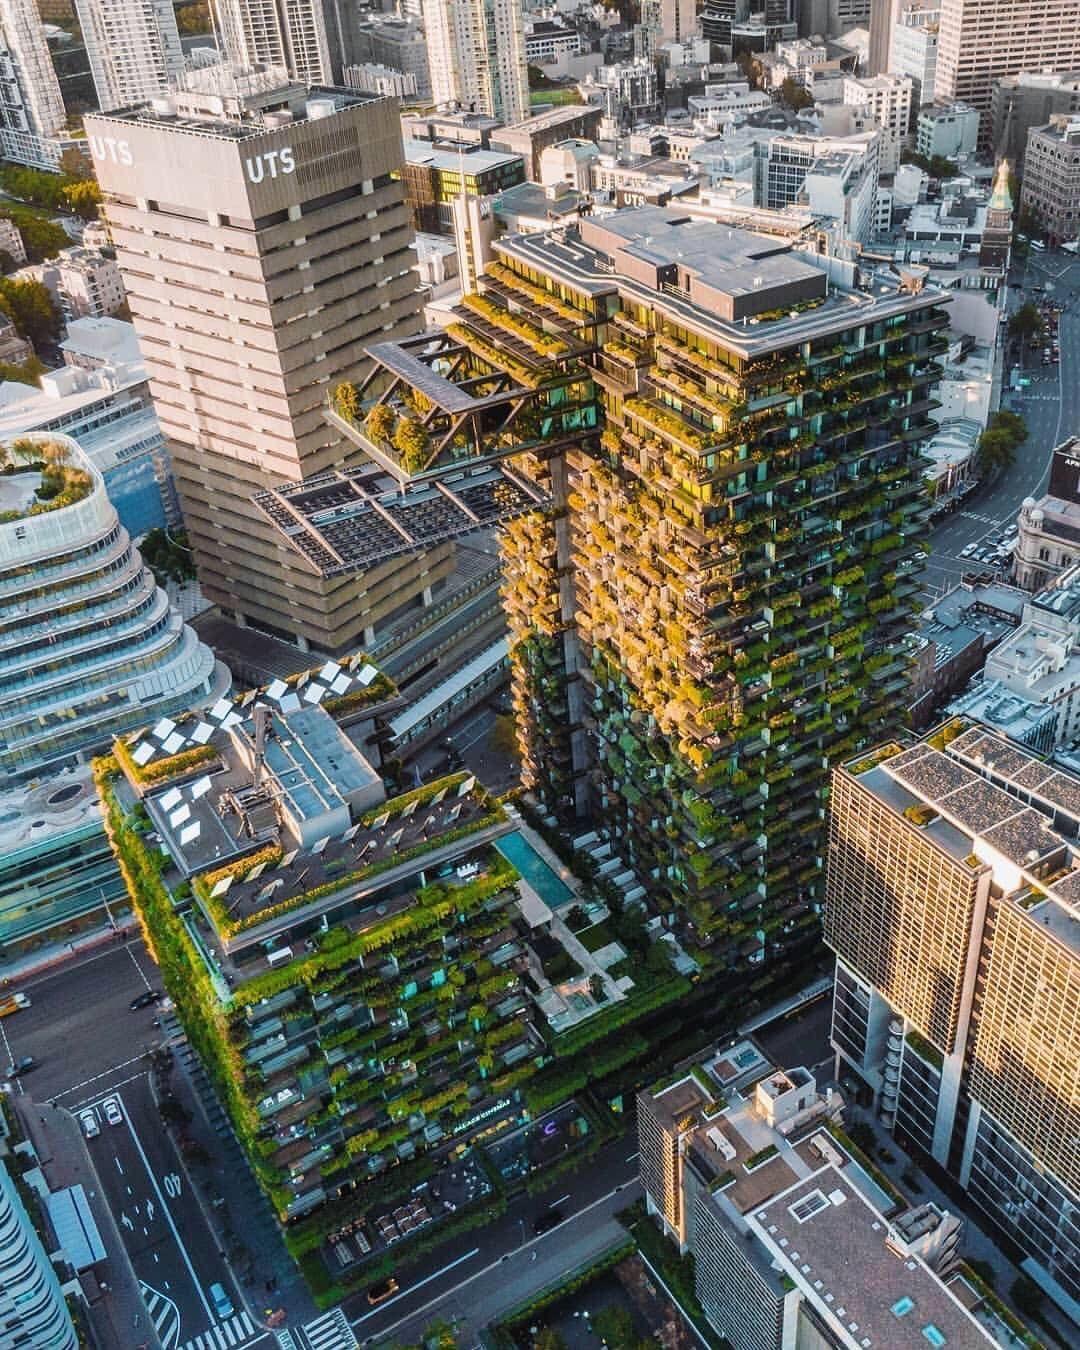 Ateliers Jean Nouvel On Instagram World S Tallest Vertical Garden One Central Park Sydney Photo By Jmermot Parks In Sydney Central Park Vertical Garden